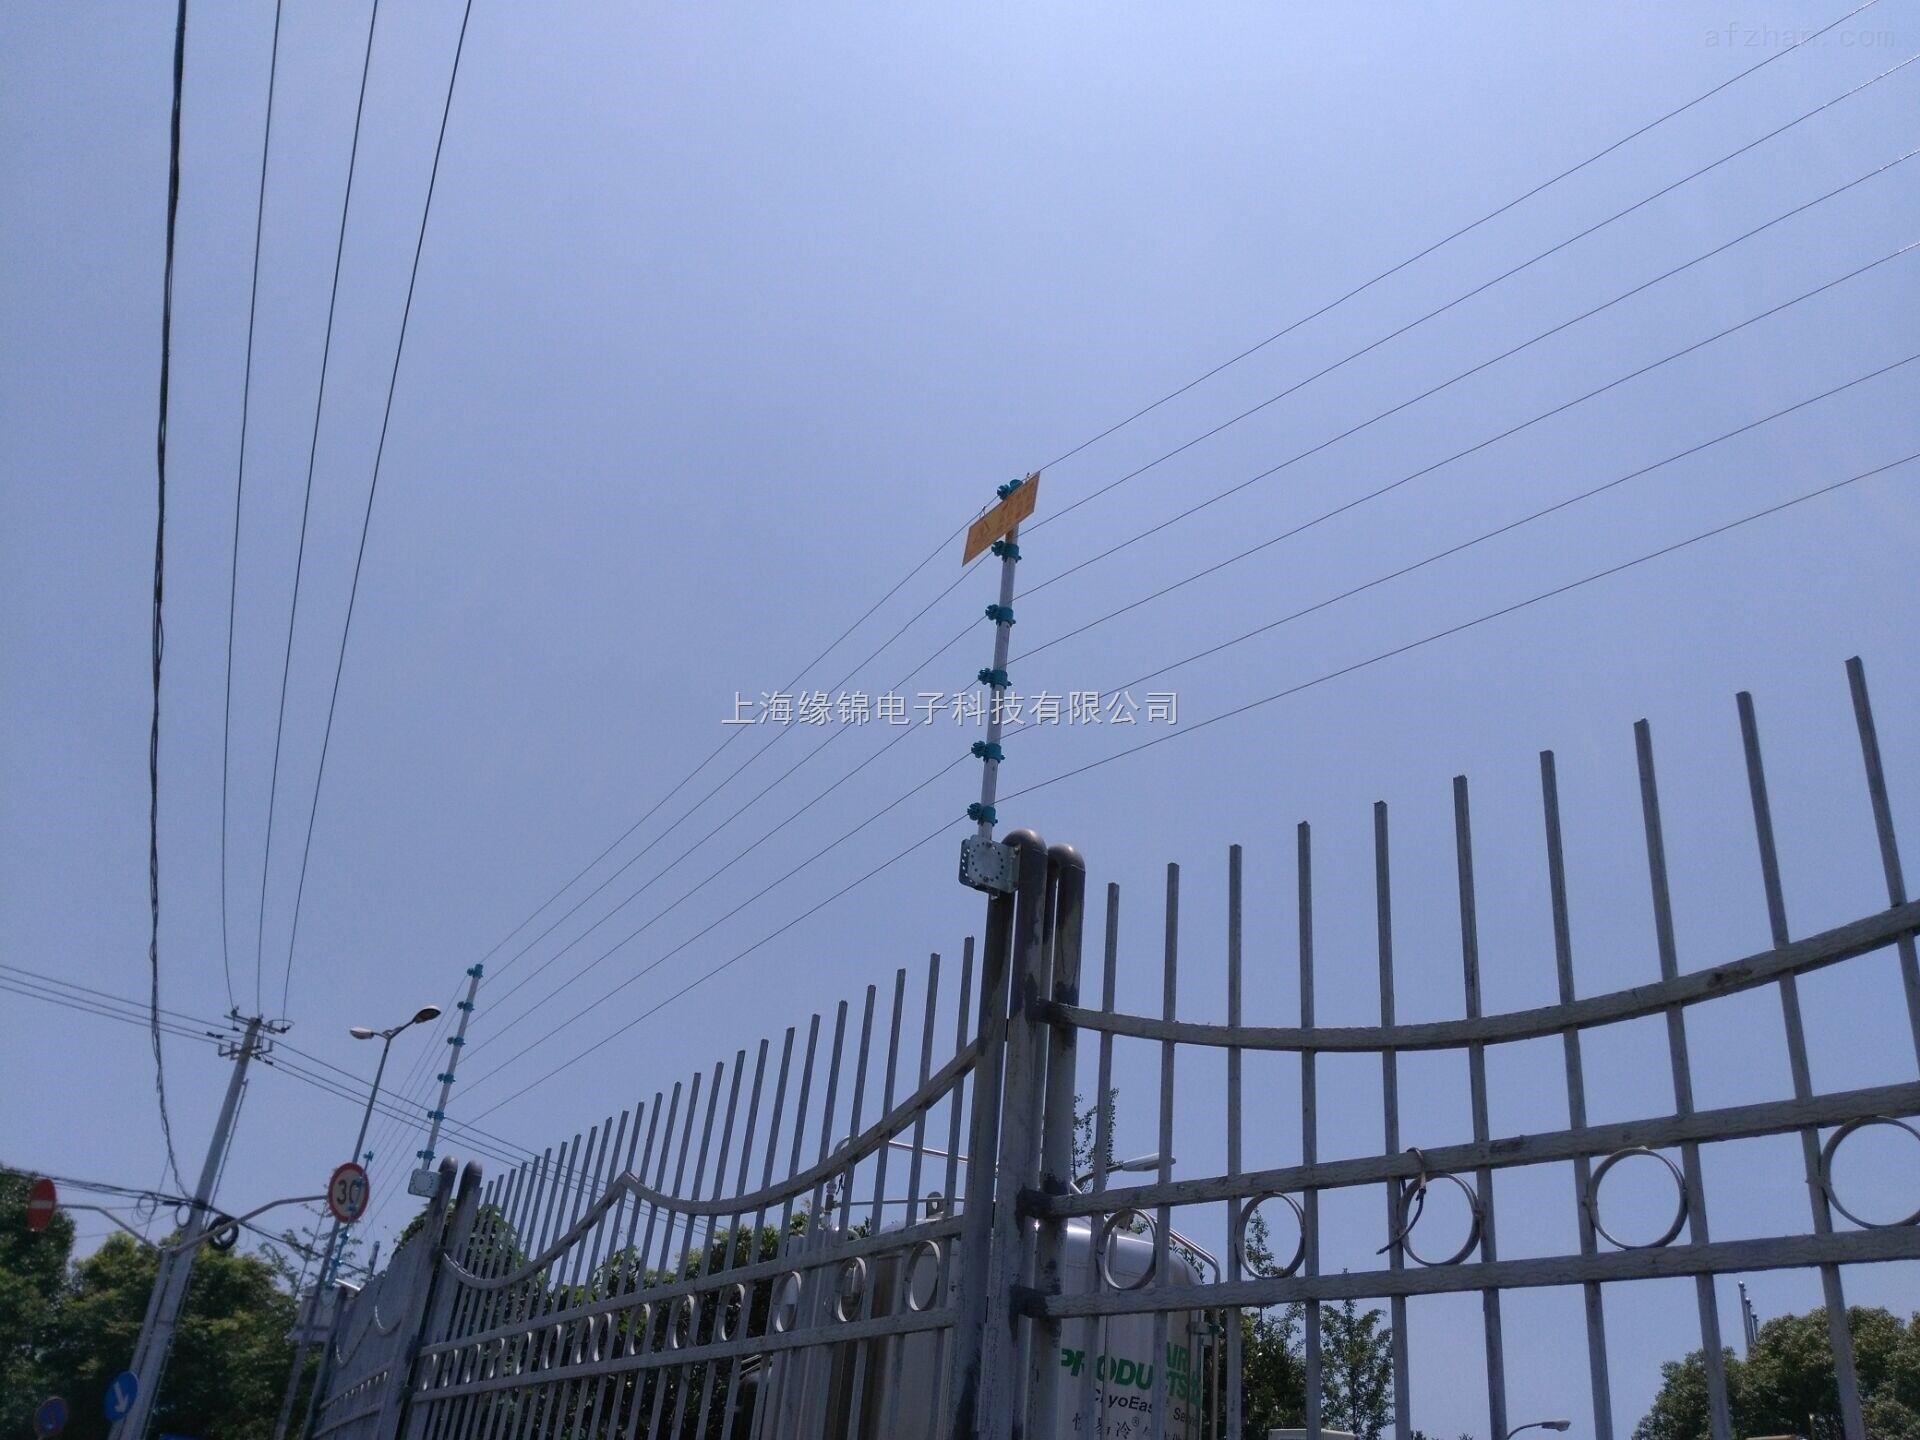 高压脉冲电网监防系统/周界电子围栏